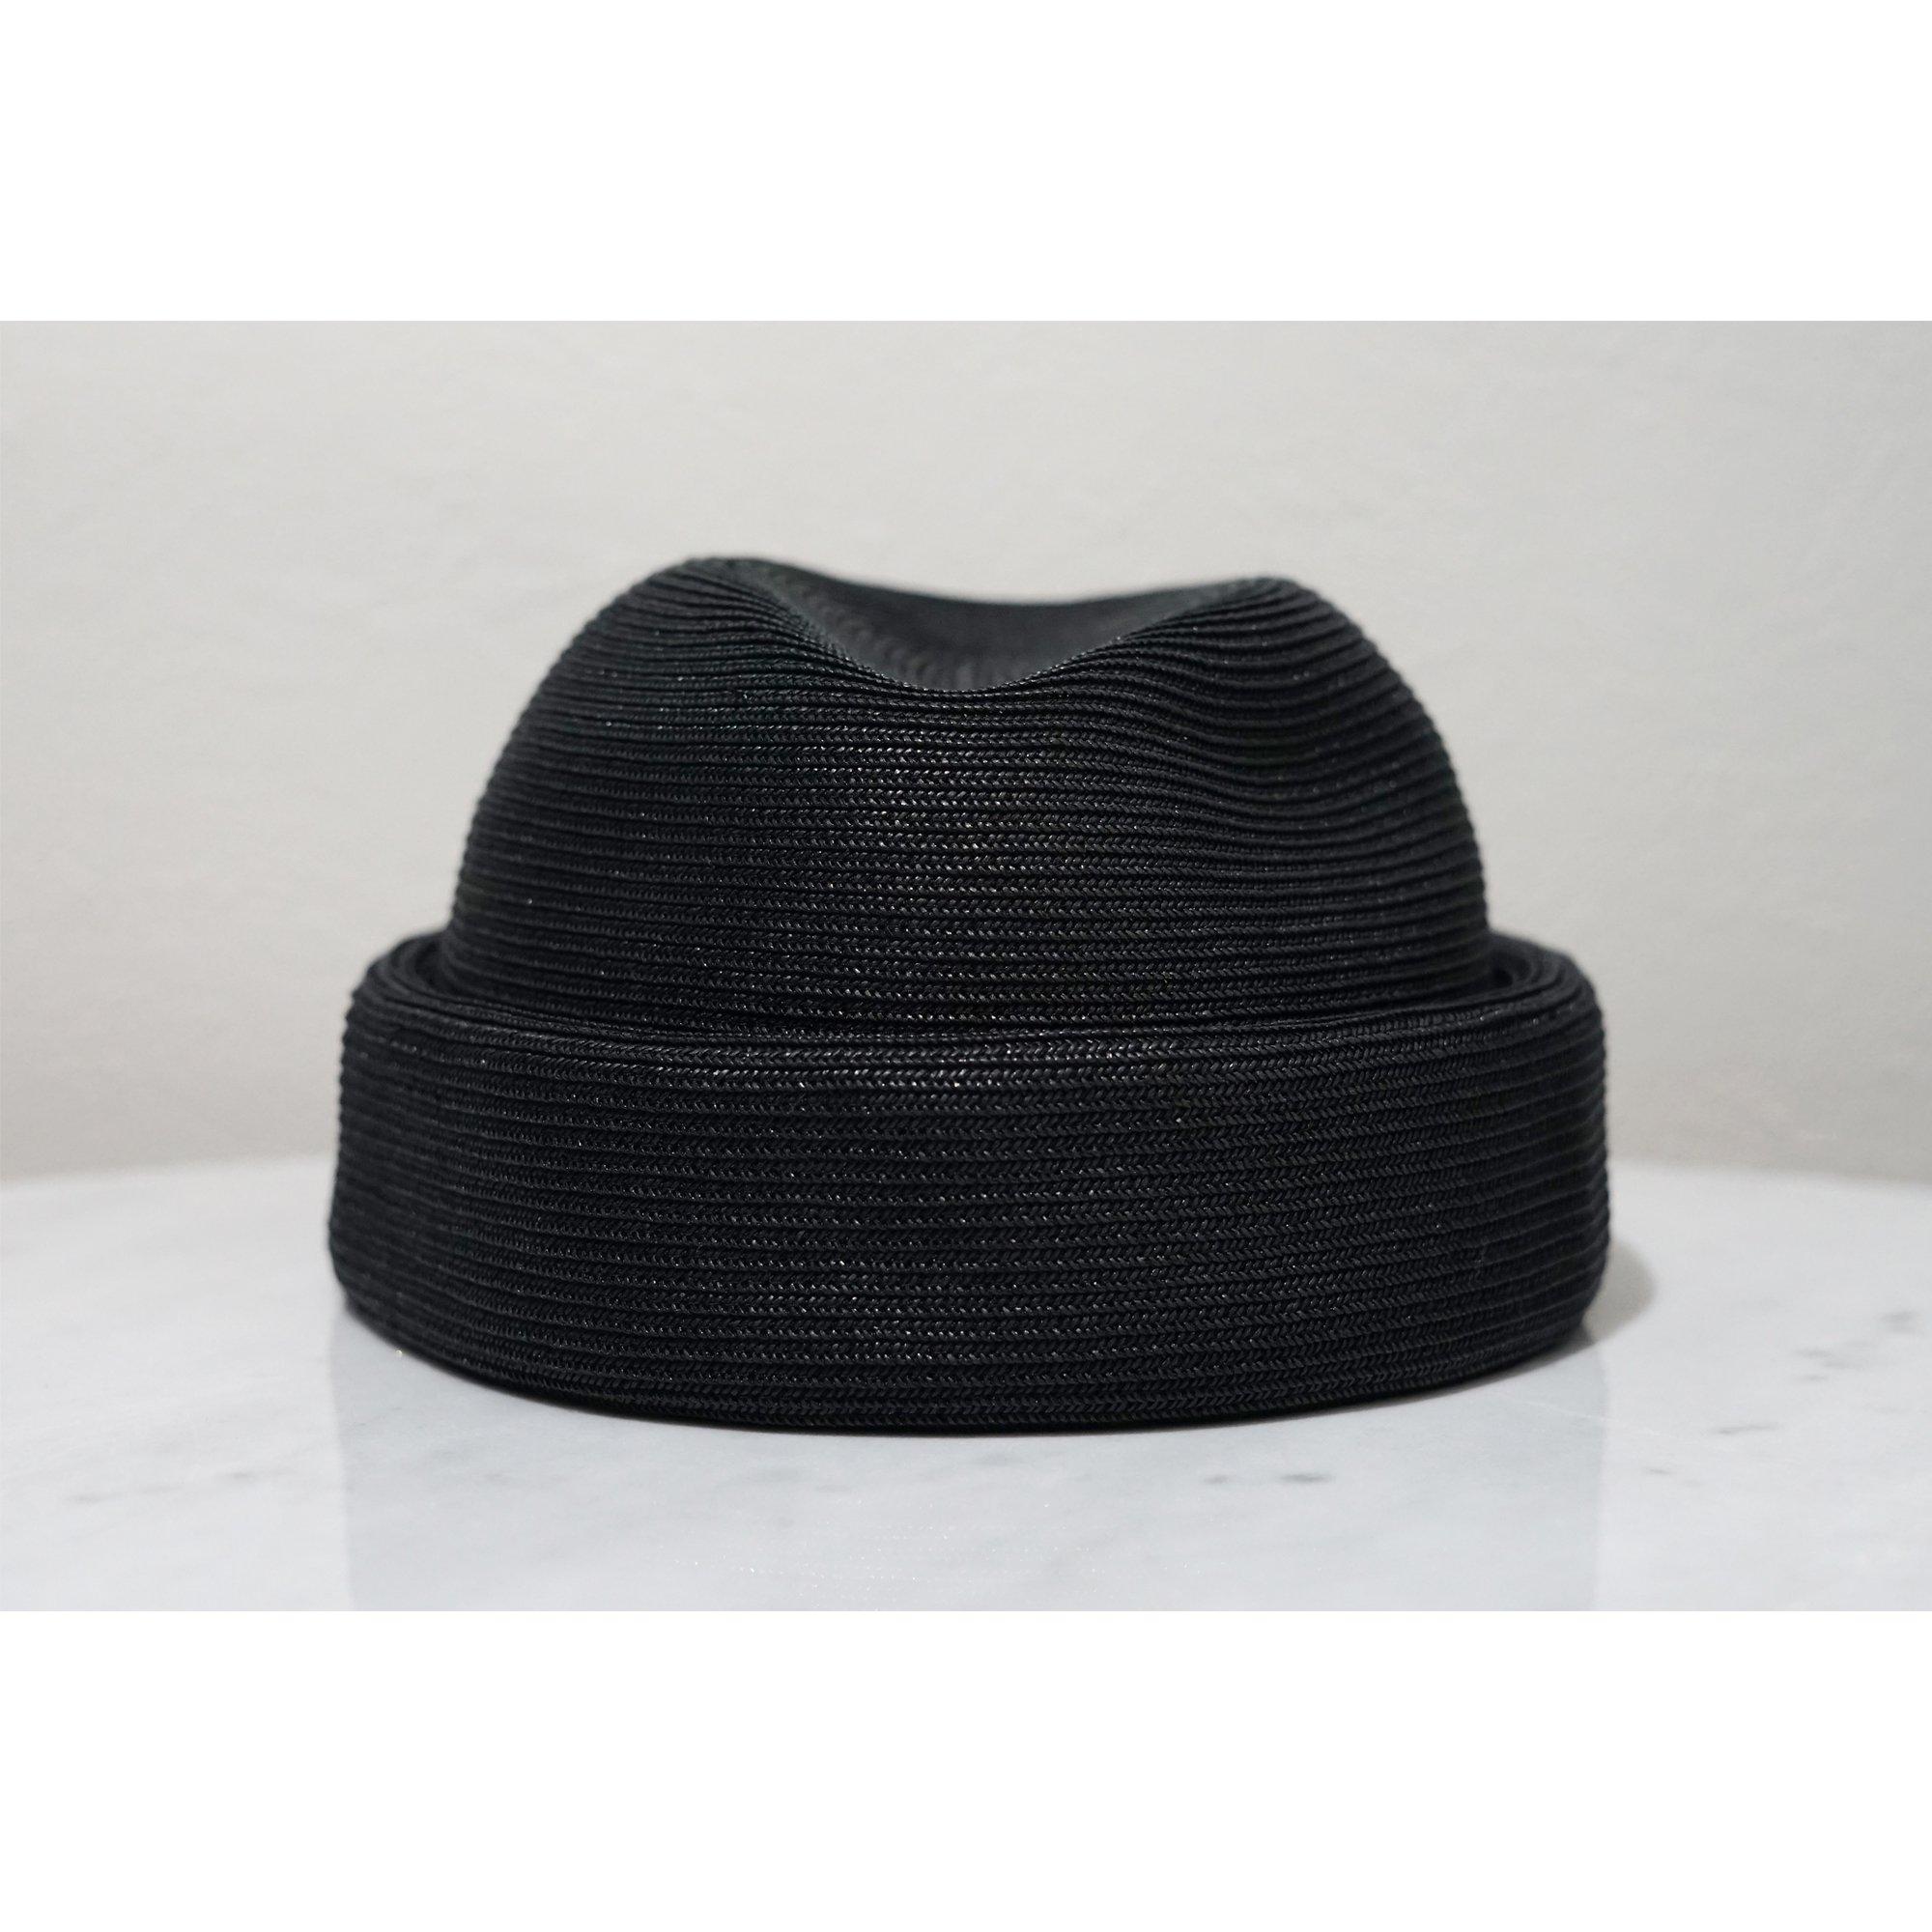 KIJIMA TAKAYUKI-STRAW HAT WITHOUT BRIM BLACK